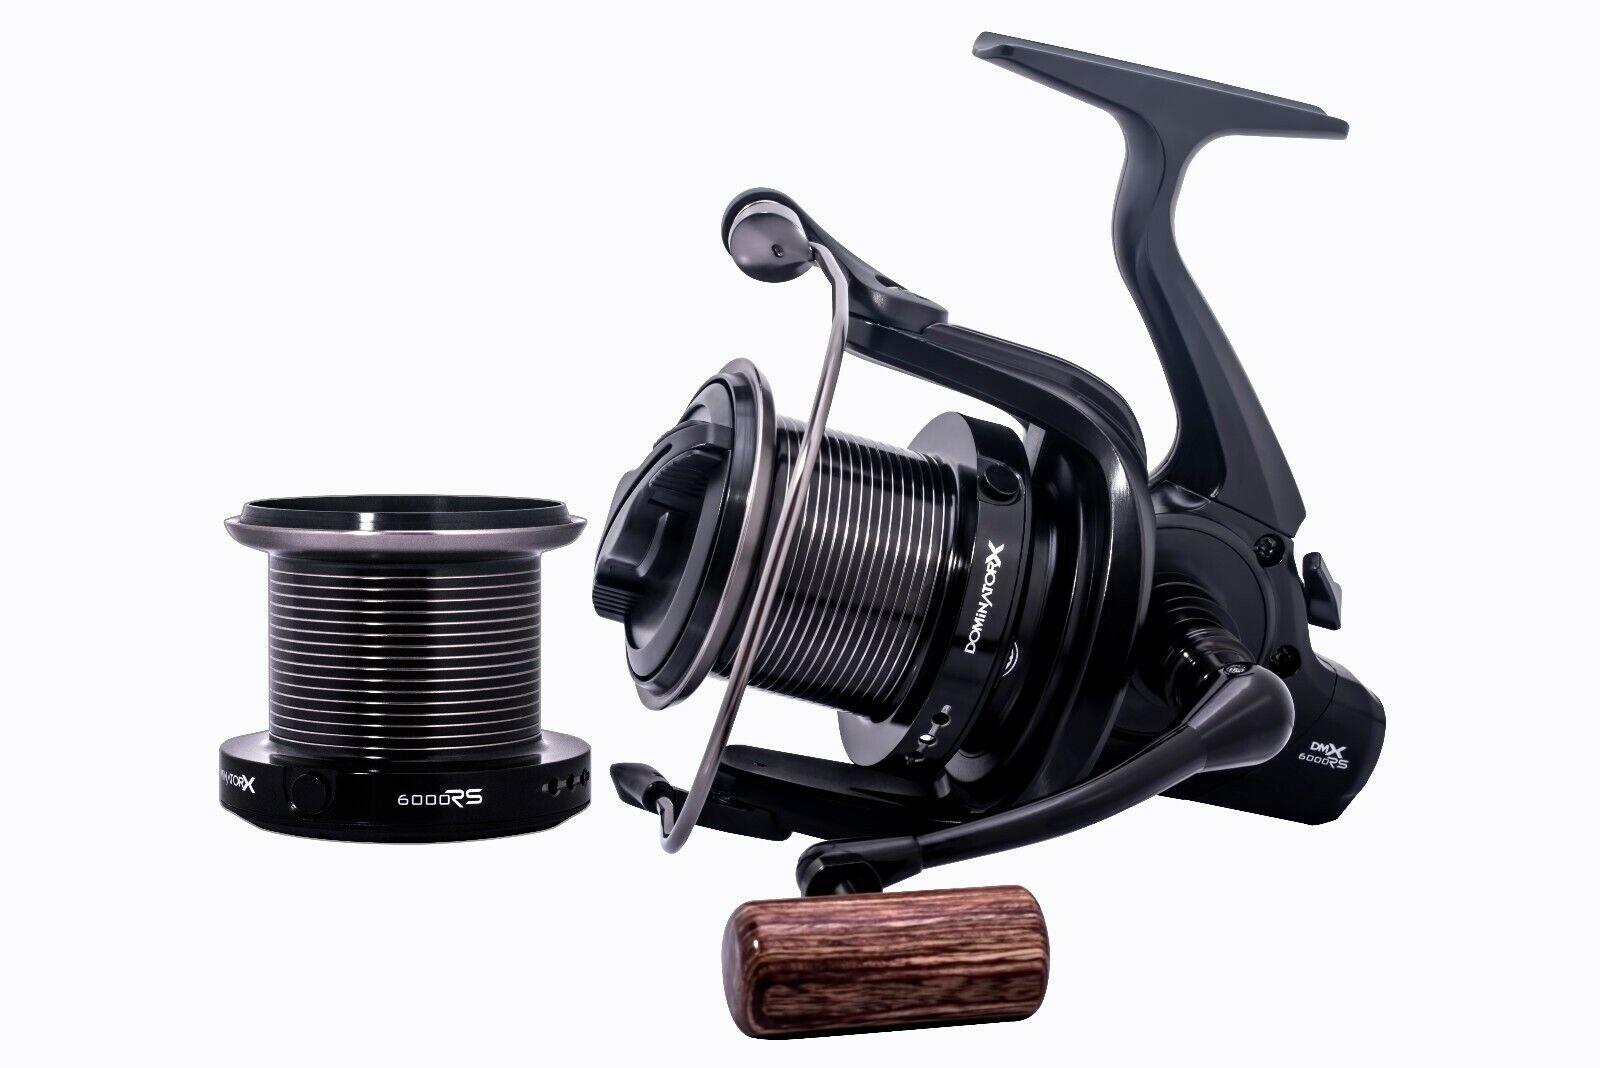 Sonik 3x Dominator X 8000RS Big Pit Reel NEW Carp Fishing Reel x3 -  NEW 2019